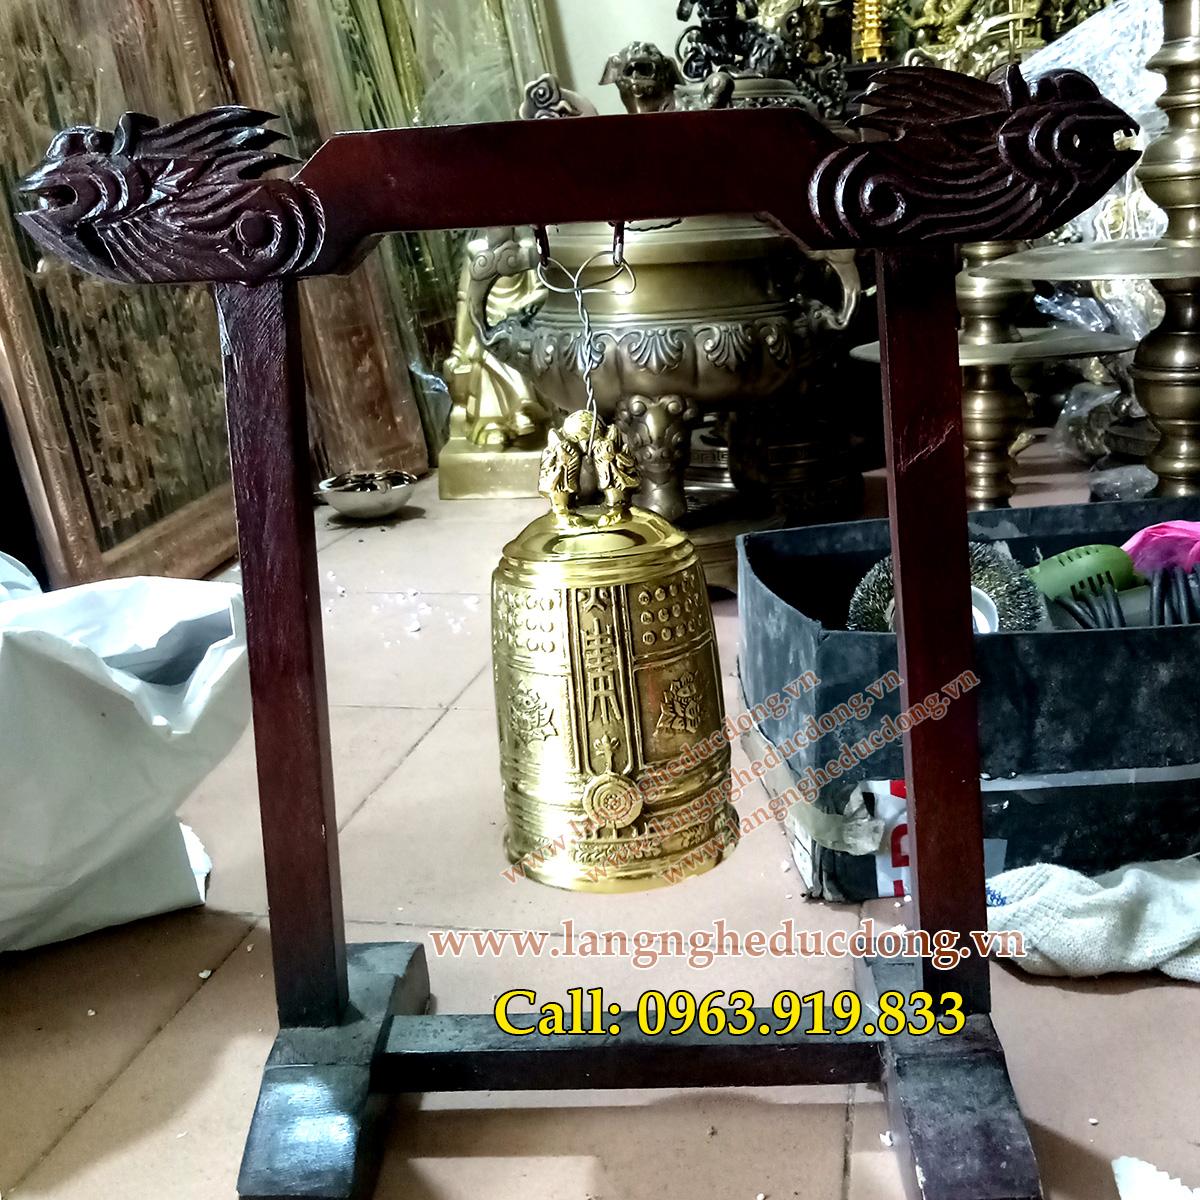 langngheducdong.vn - đồ thờ cúng, chuông đồng, chuông cúng bằng đồng